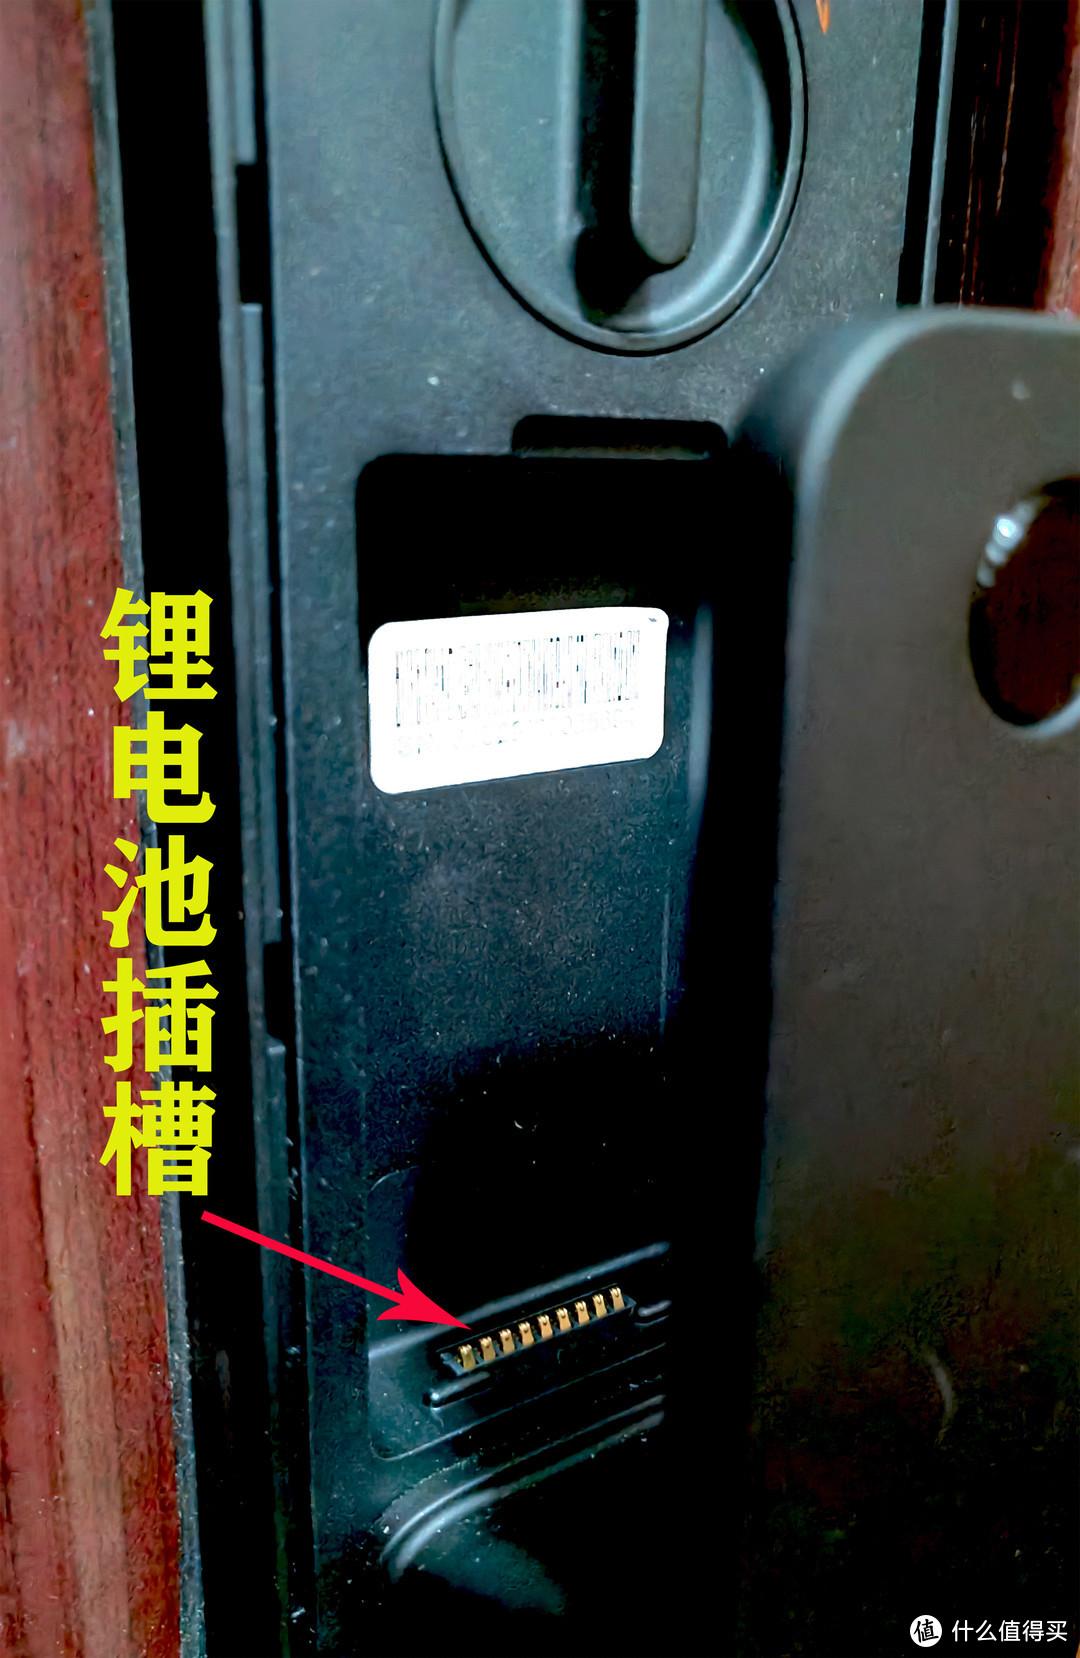 忘带钥匙不用慌,智能门锁来帮忙 — 小米全自动智能门锁pro深度测评